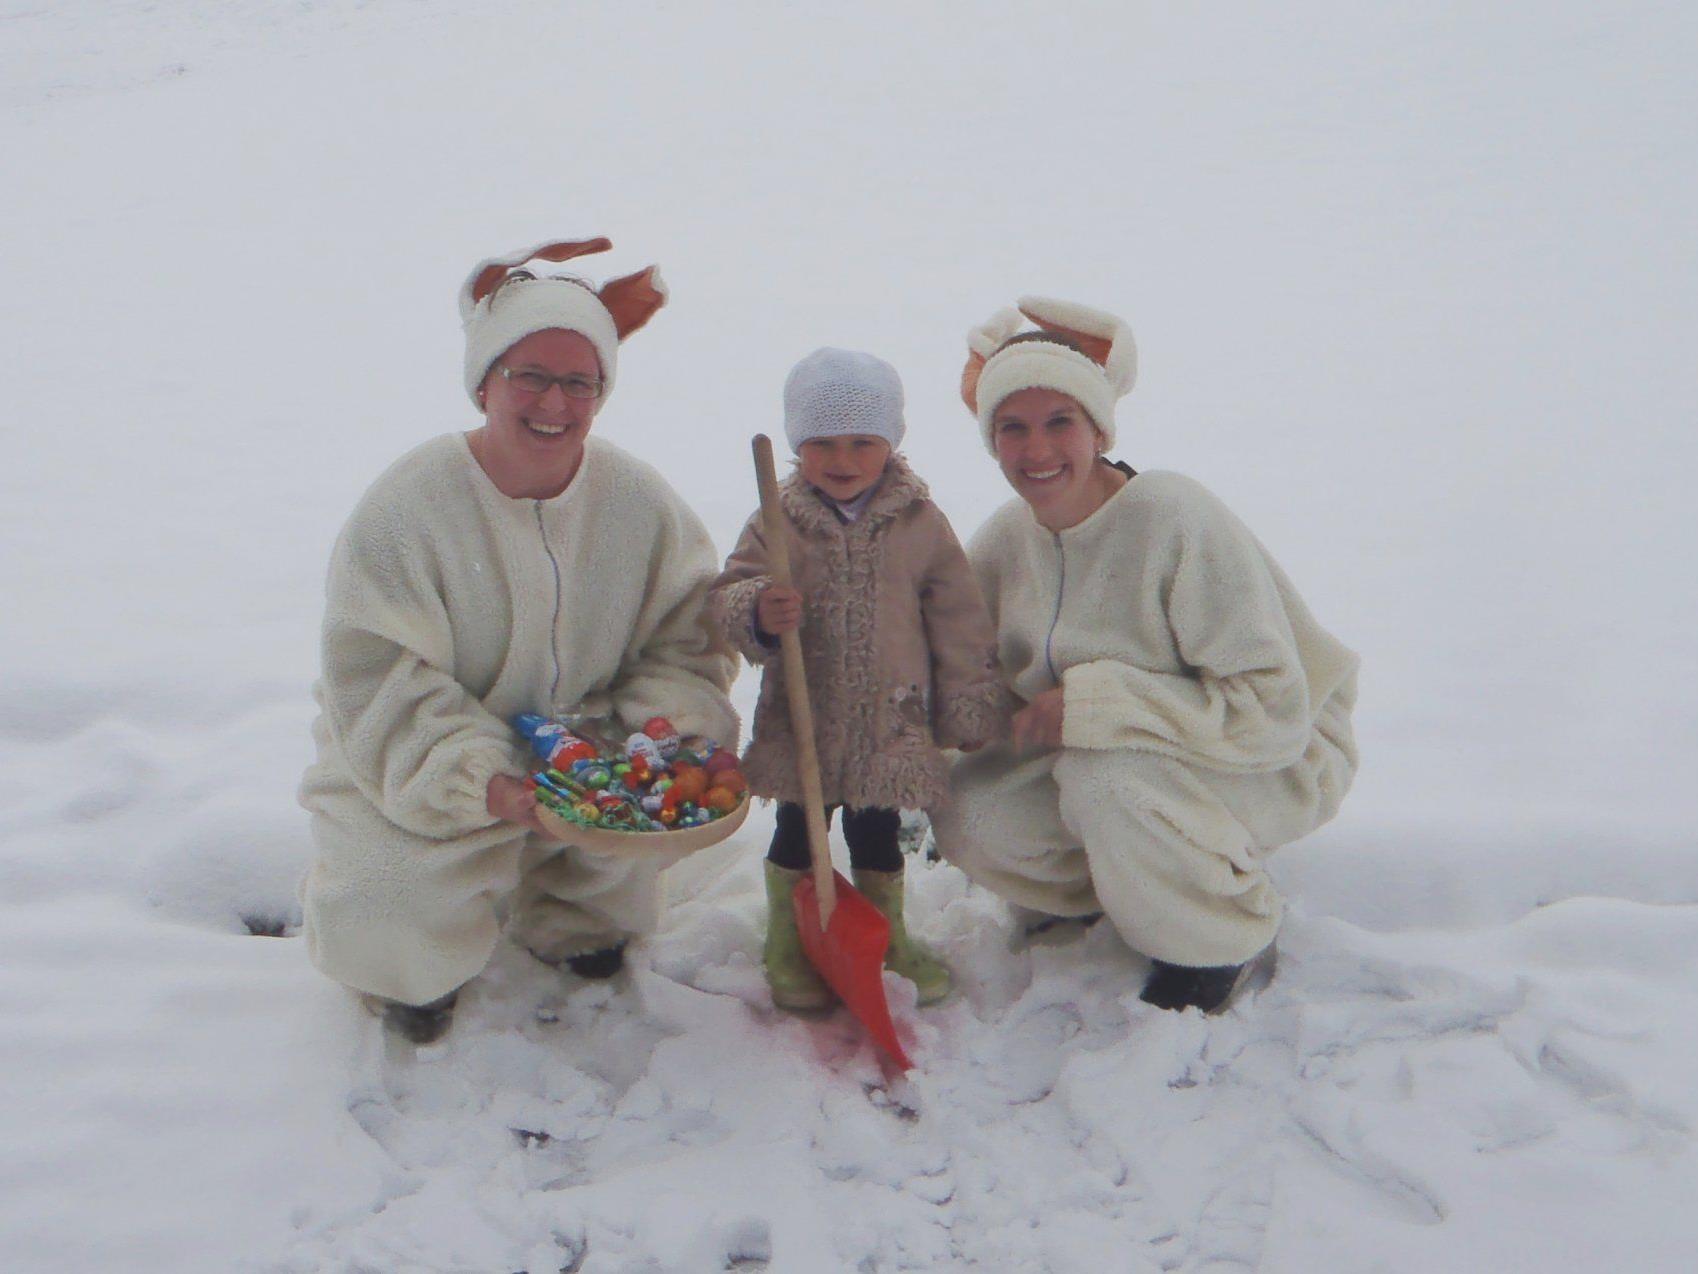 Doppelter Spaß: Neben dem Osterhasen freute sich Emma über den Schnee